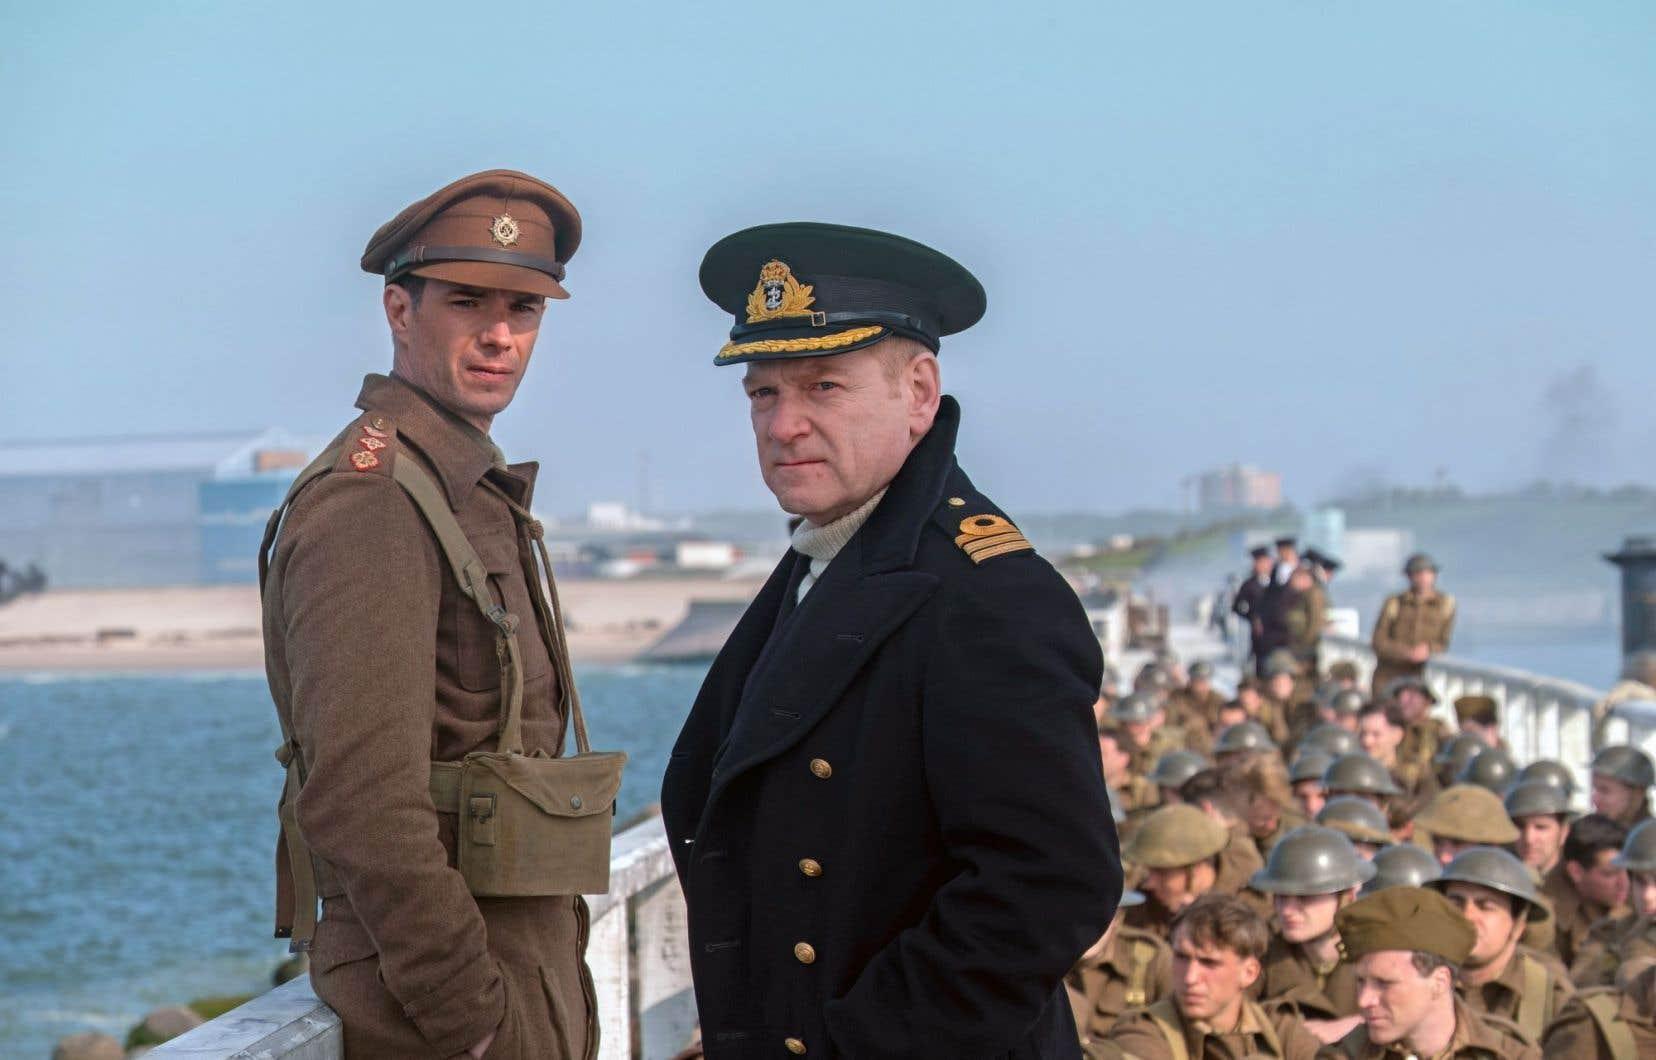 Le commandant James Campbell Clouston a inspiré le personnage du commandant Bolton (au centre), incarné par Kenneth Branagh dans le film «Dunkerque» de Christopher Nolan.